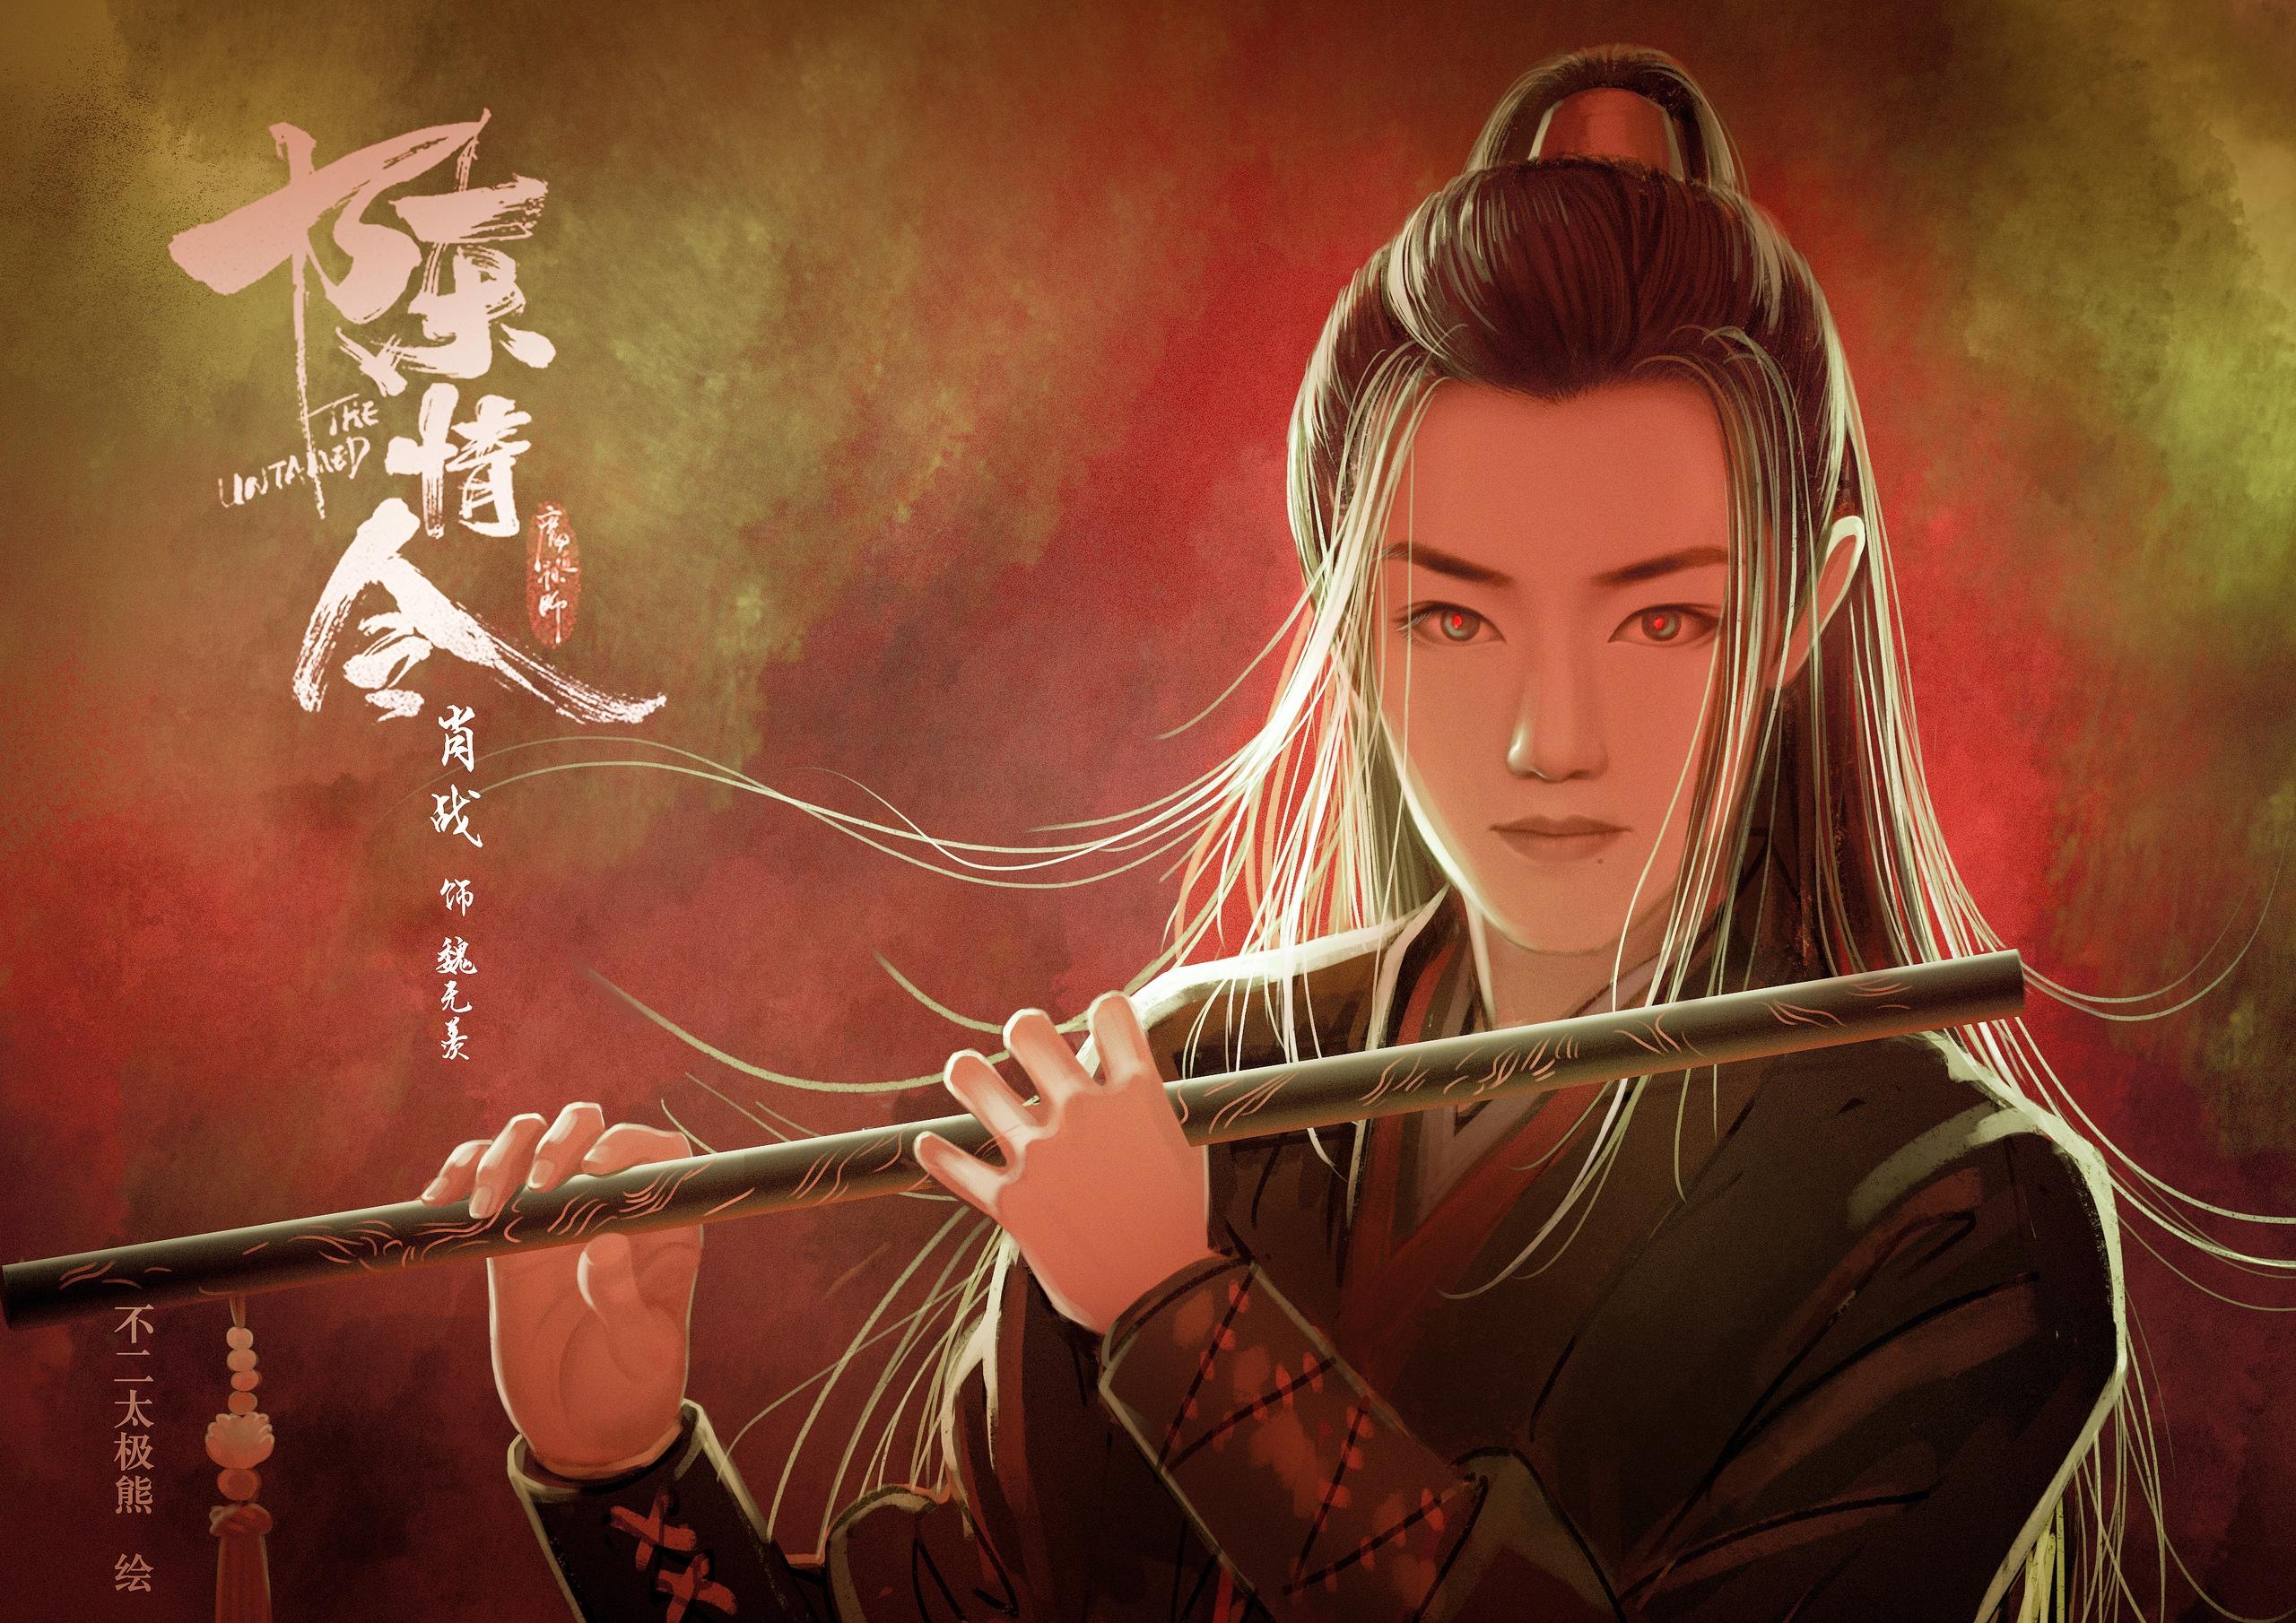 Wei Ying Wei Wuxian Xiao Zhan 2560x1810